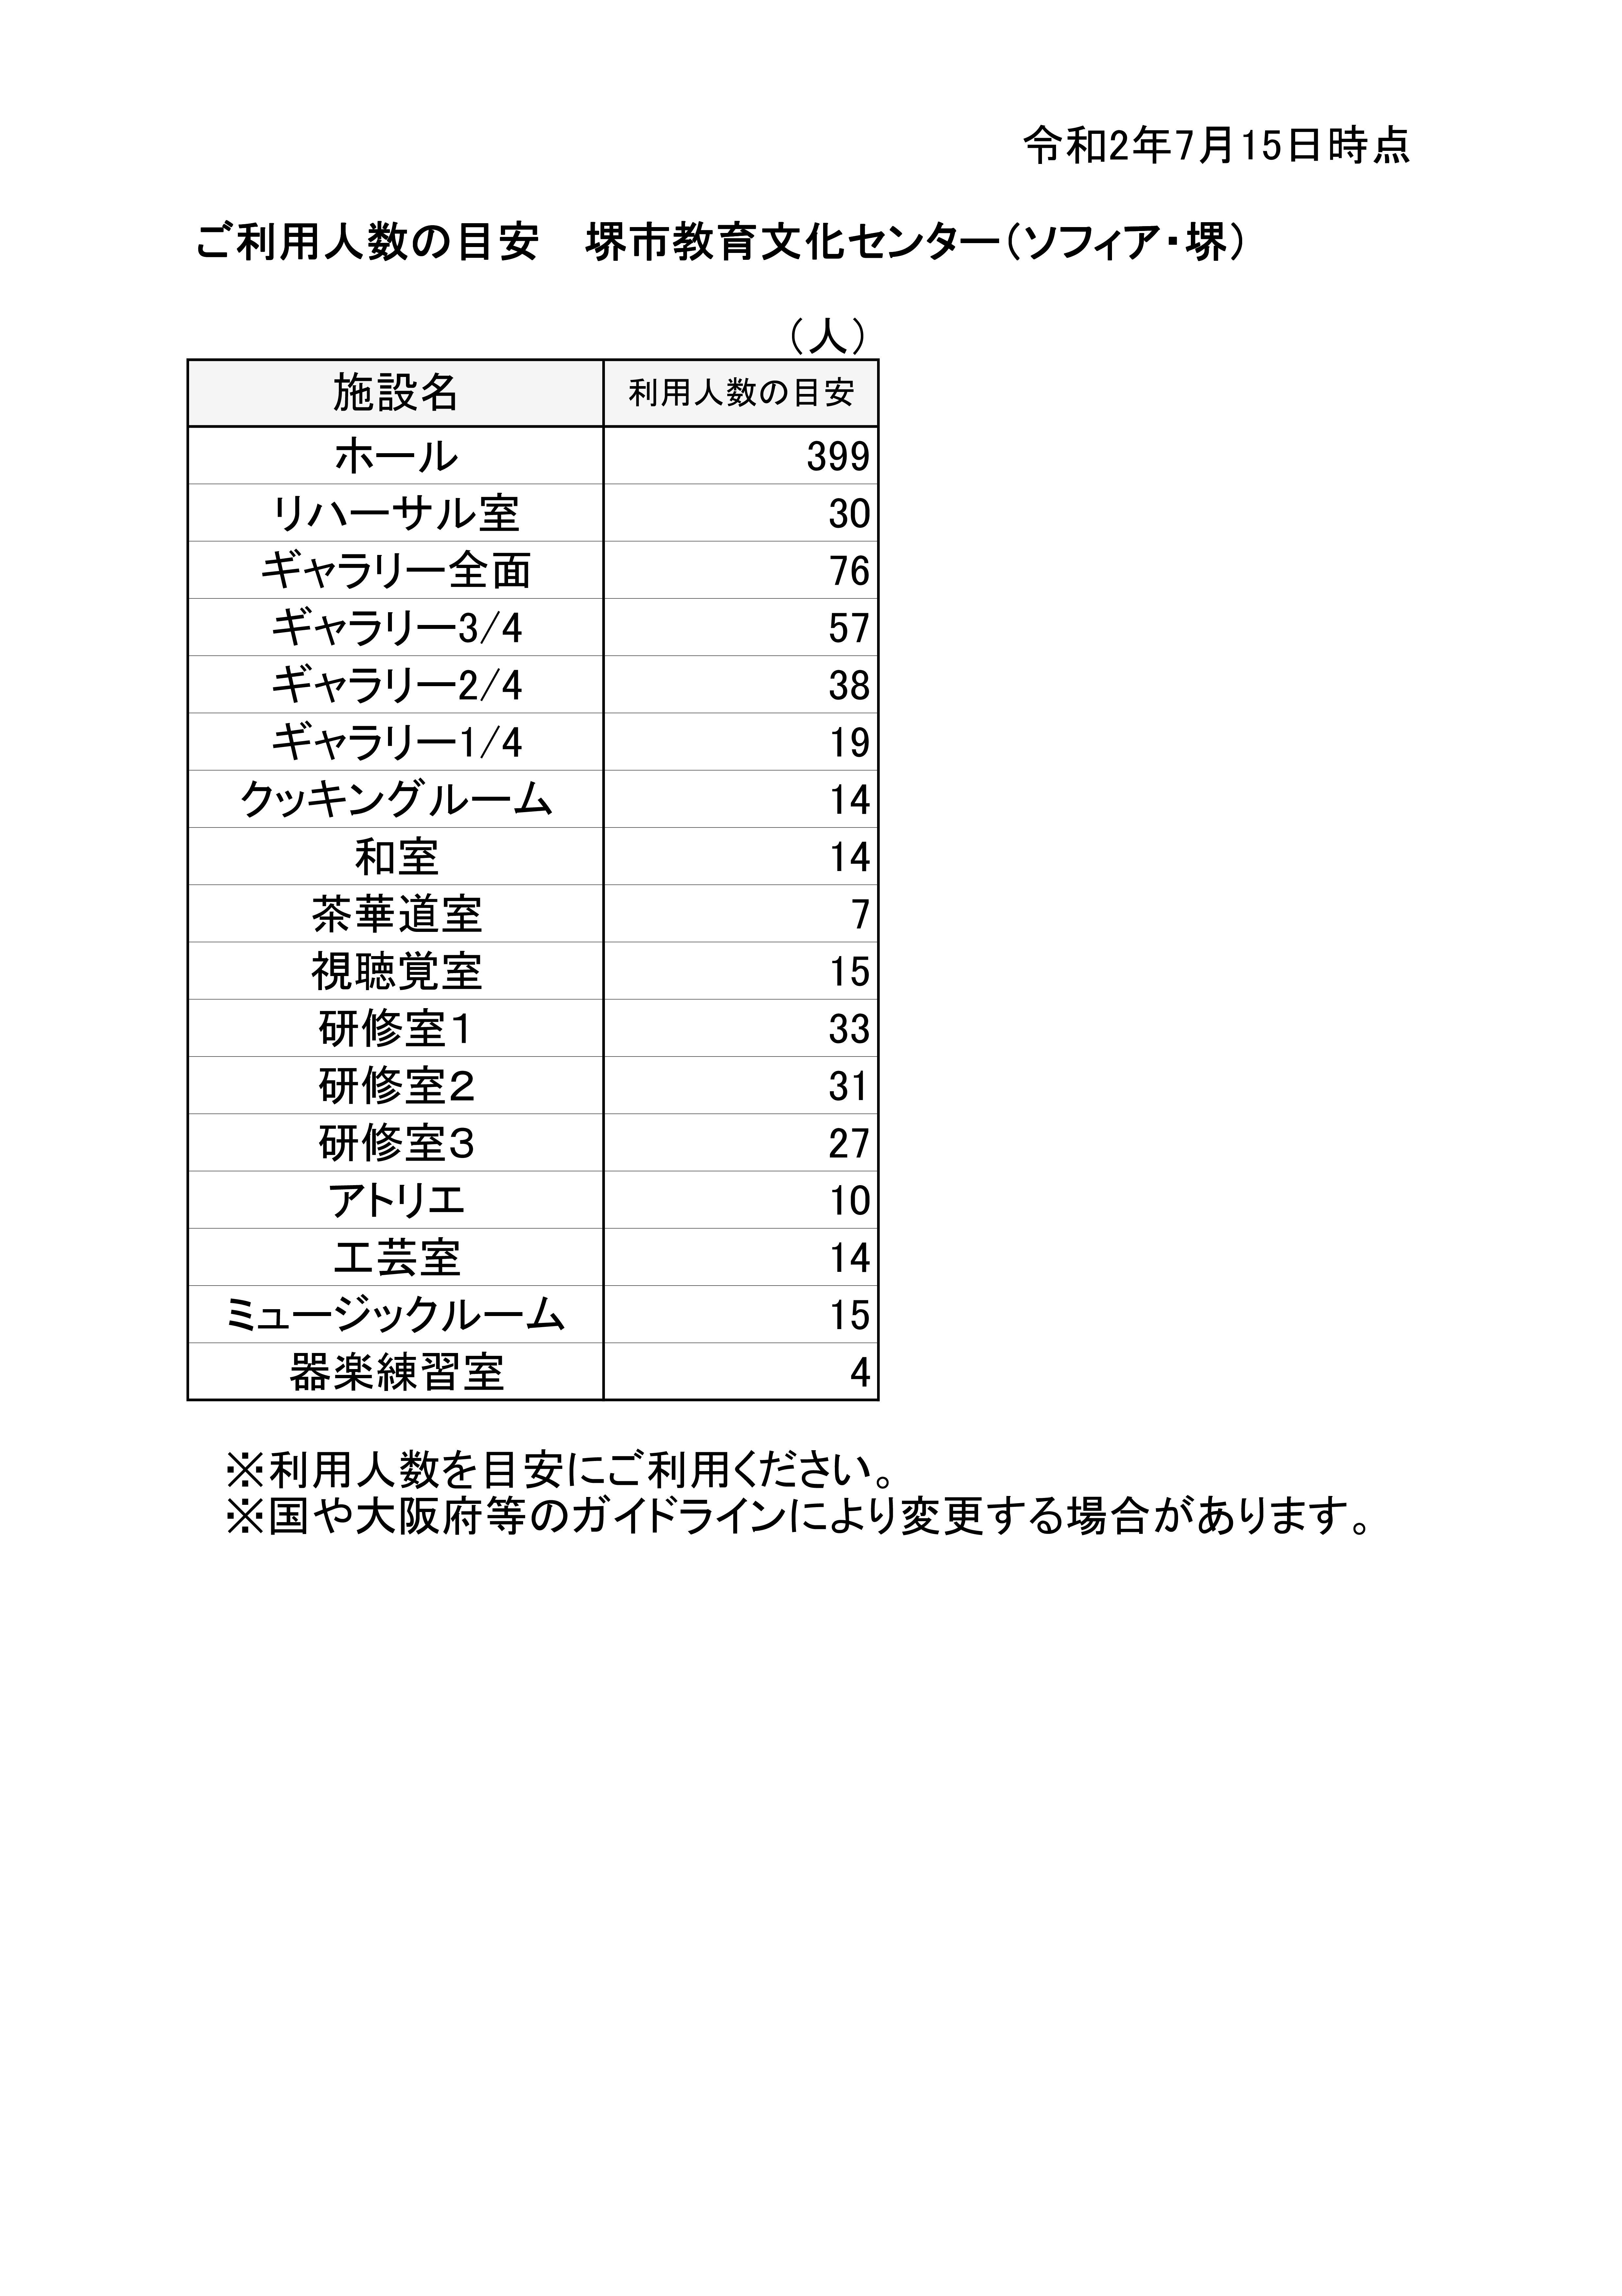 新着【7/15~】新型コロナウイルス感染対策における「ご利用人数の目安」の改定について